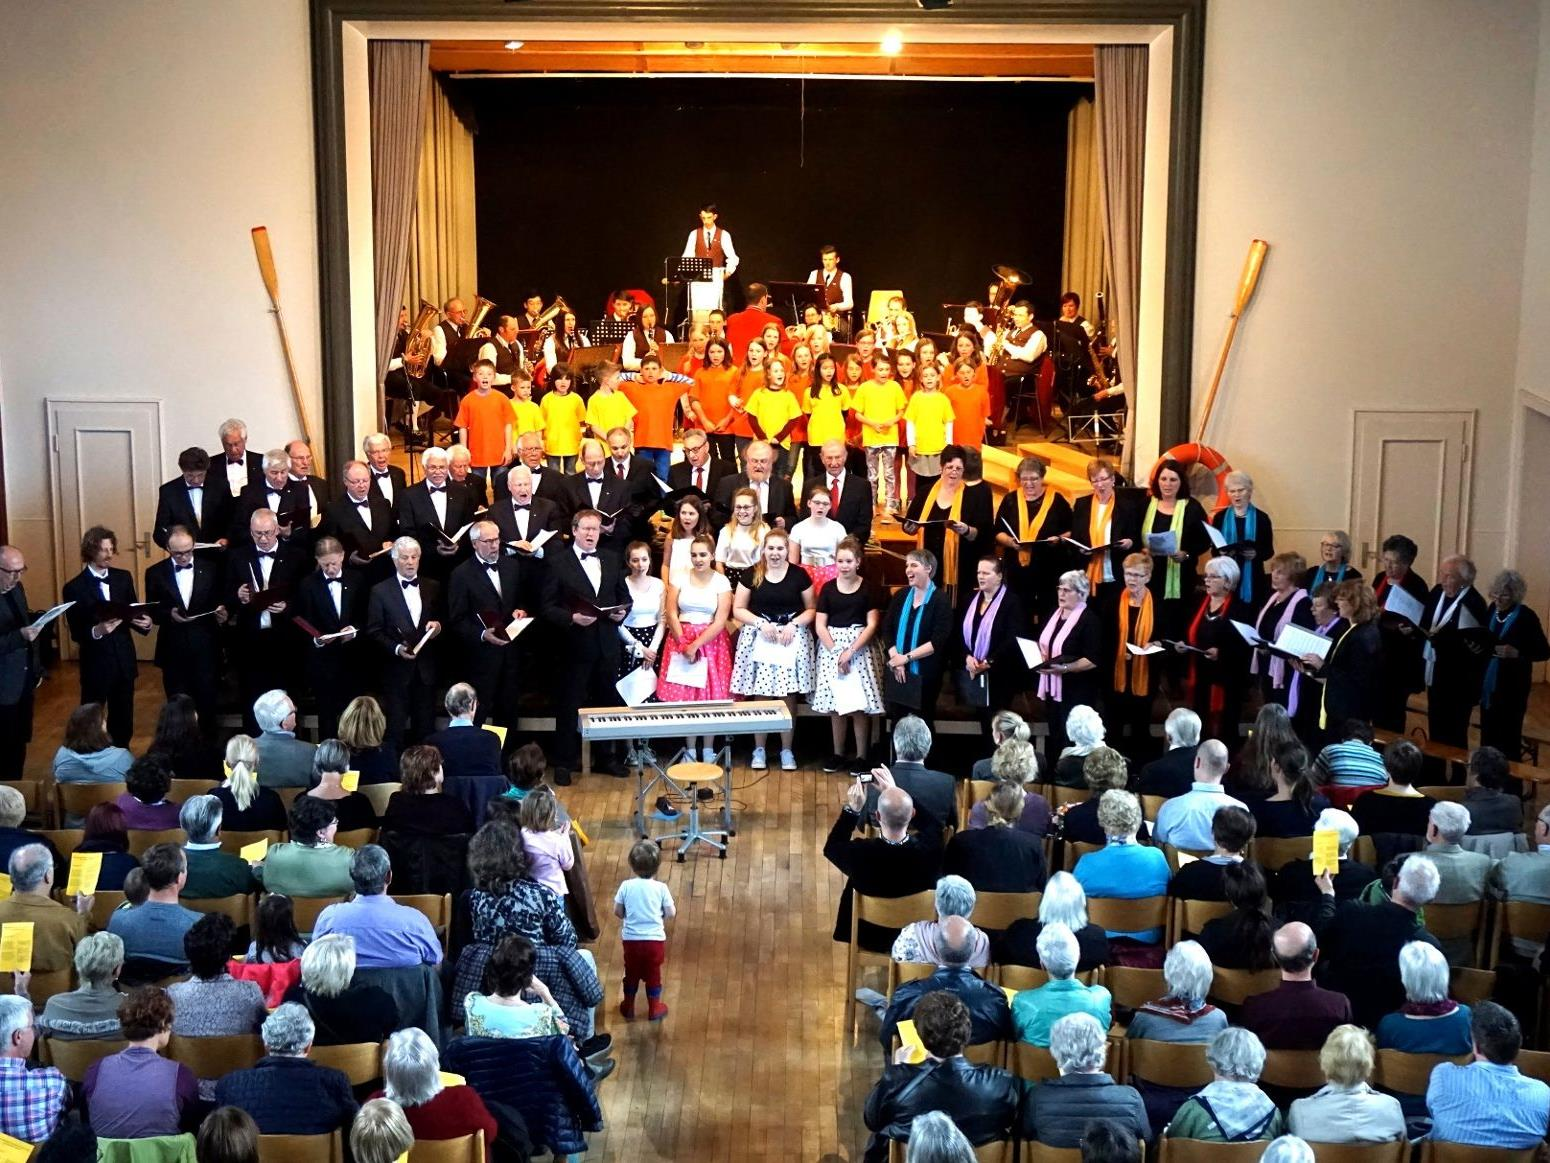 Beim traditionellen Gemeinschaftskonzert haben die musischen Lochauer Ortsvereine alljährlich ihren großen Auftritt.